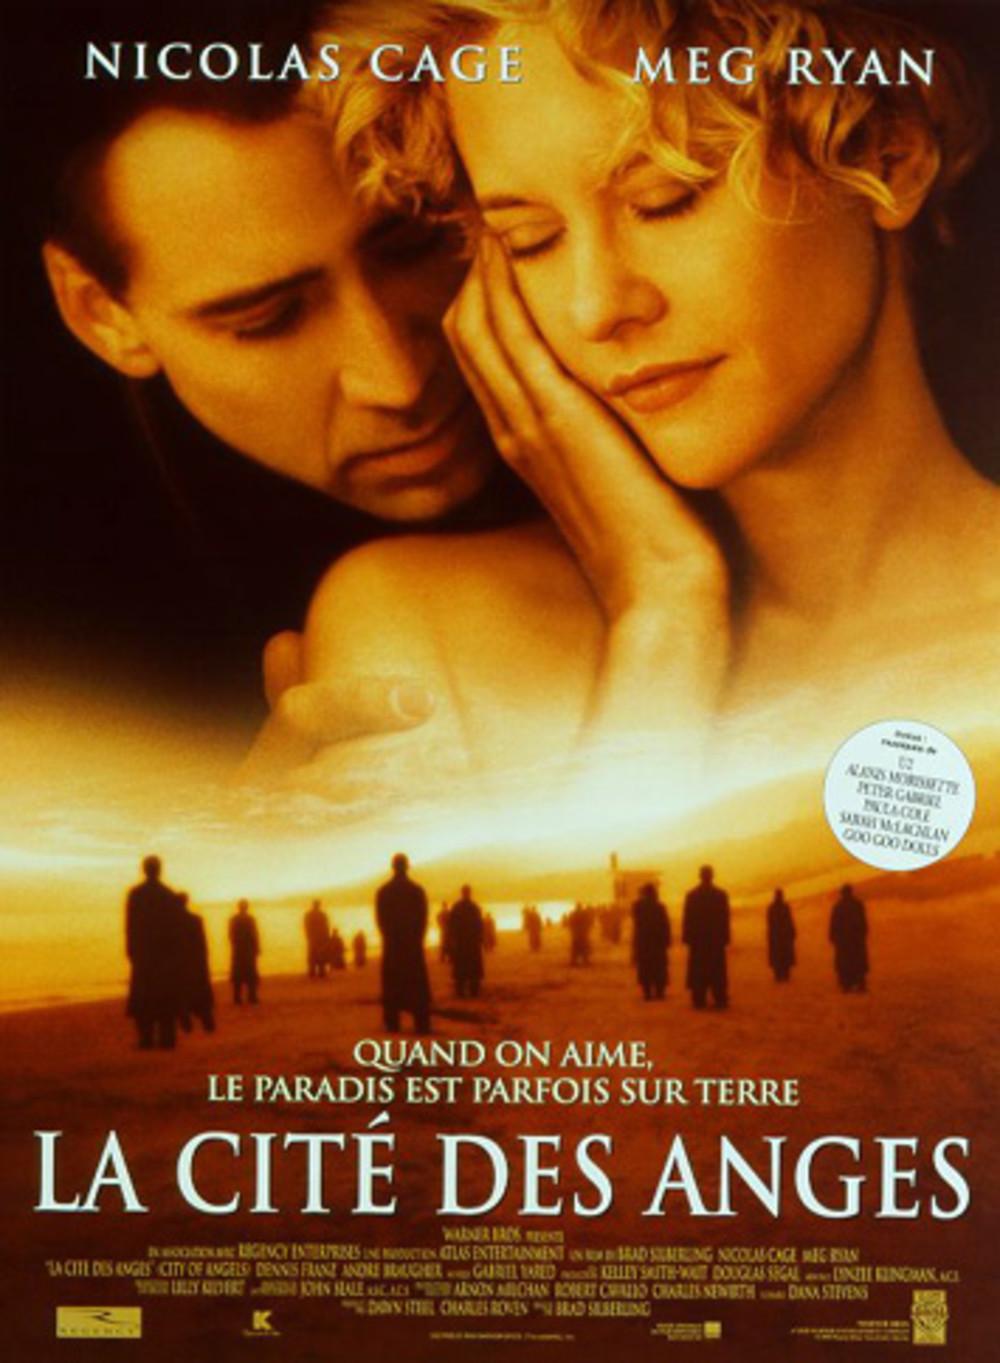 affiche du film La cité des anges